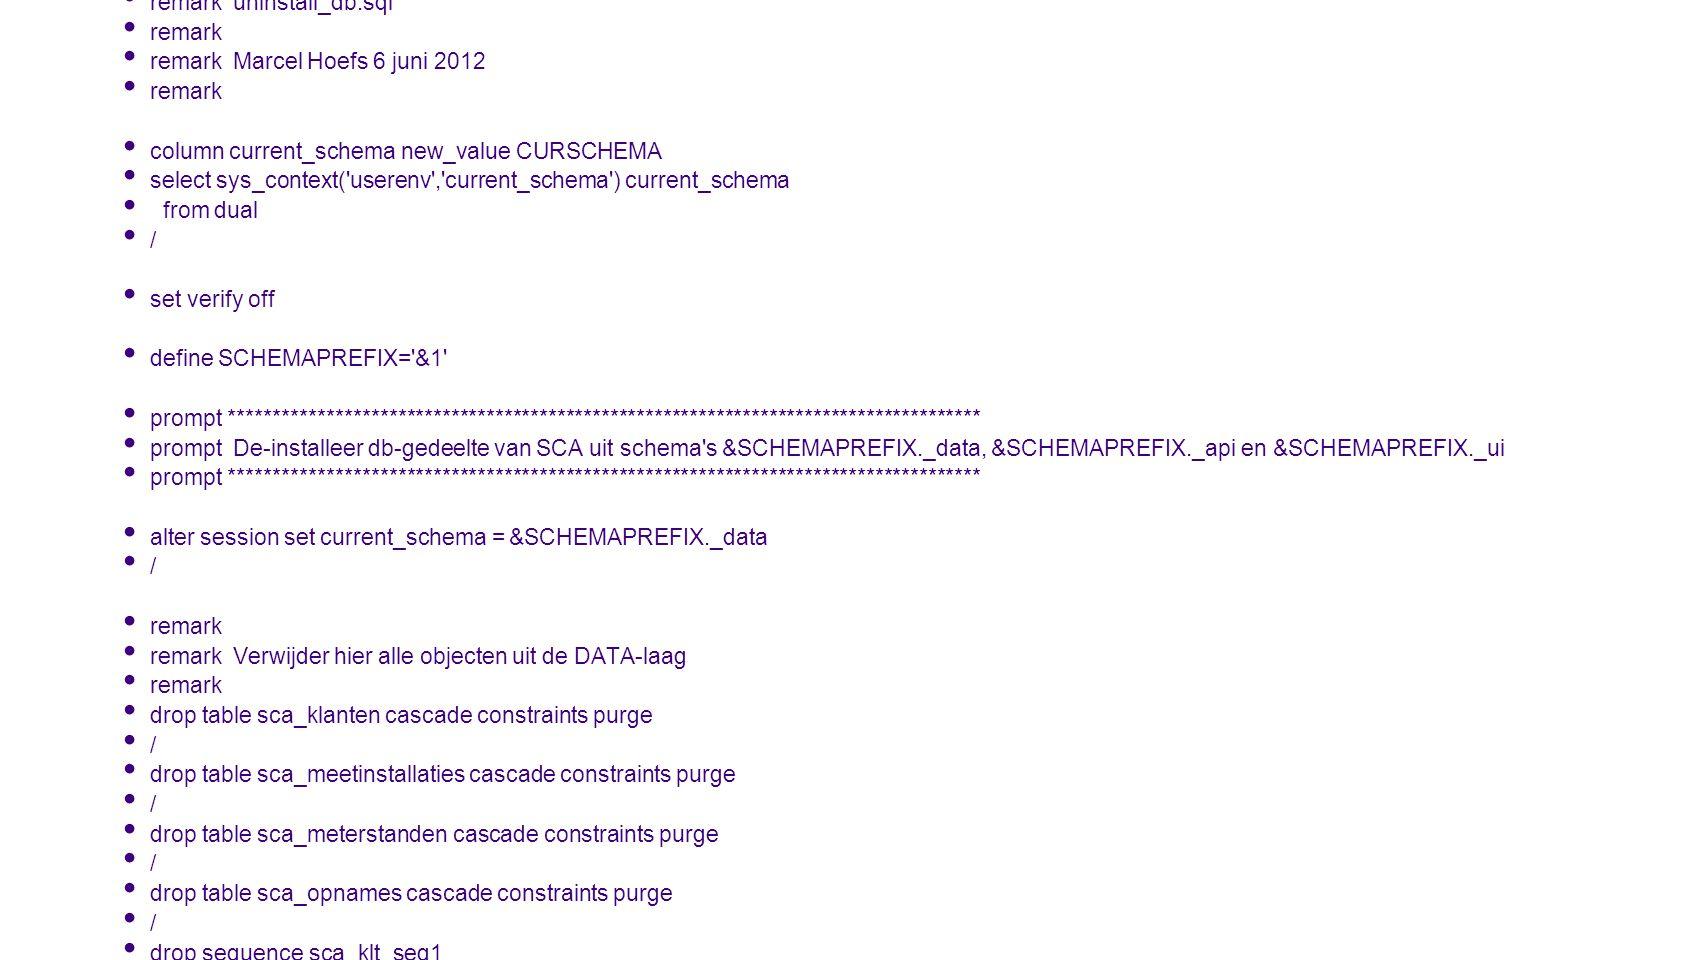 remark remark uninstall_db.sql. remark Marcel Hoefs 6 juni 2012. column current_schema new_value CURSCHEMA.